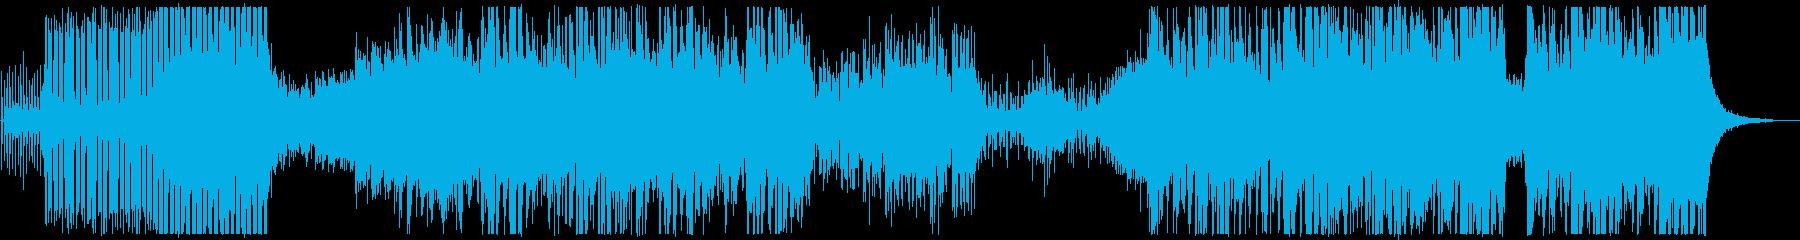 スローミュージカルビルドは、オスチ...の再生済みの波形